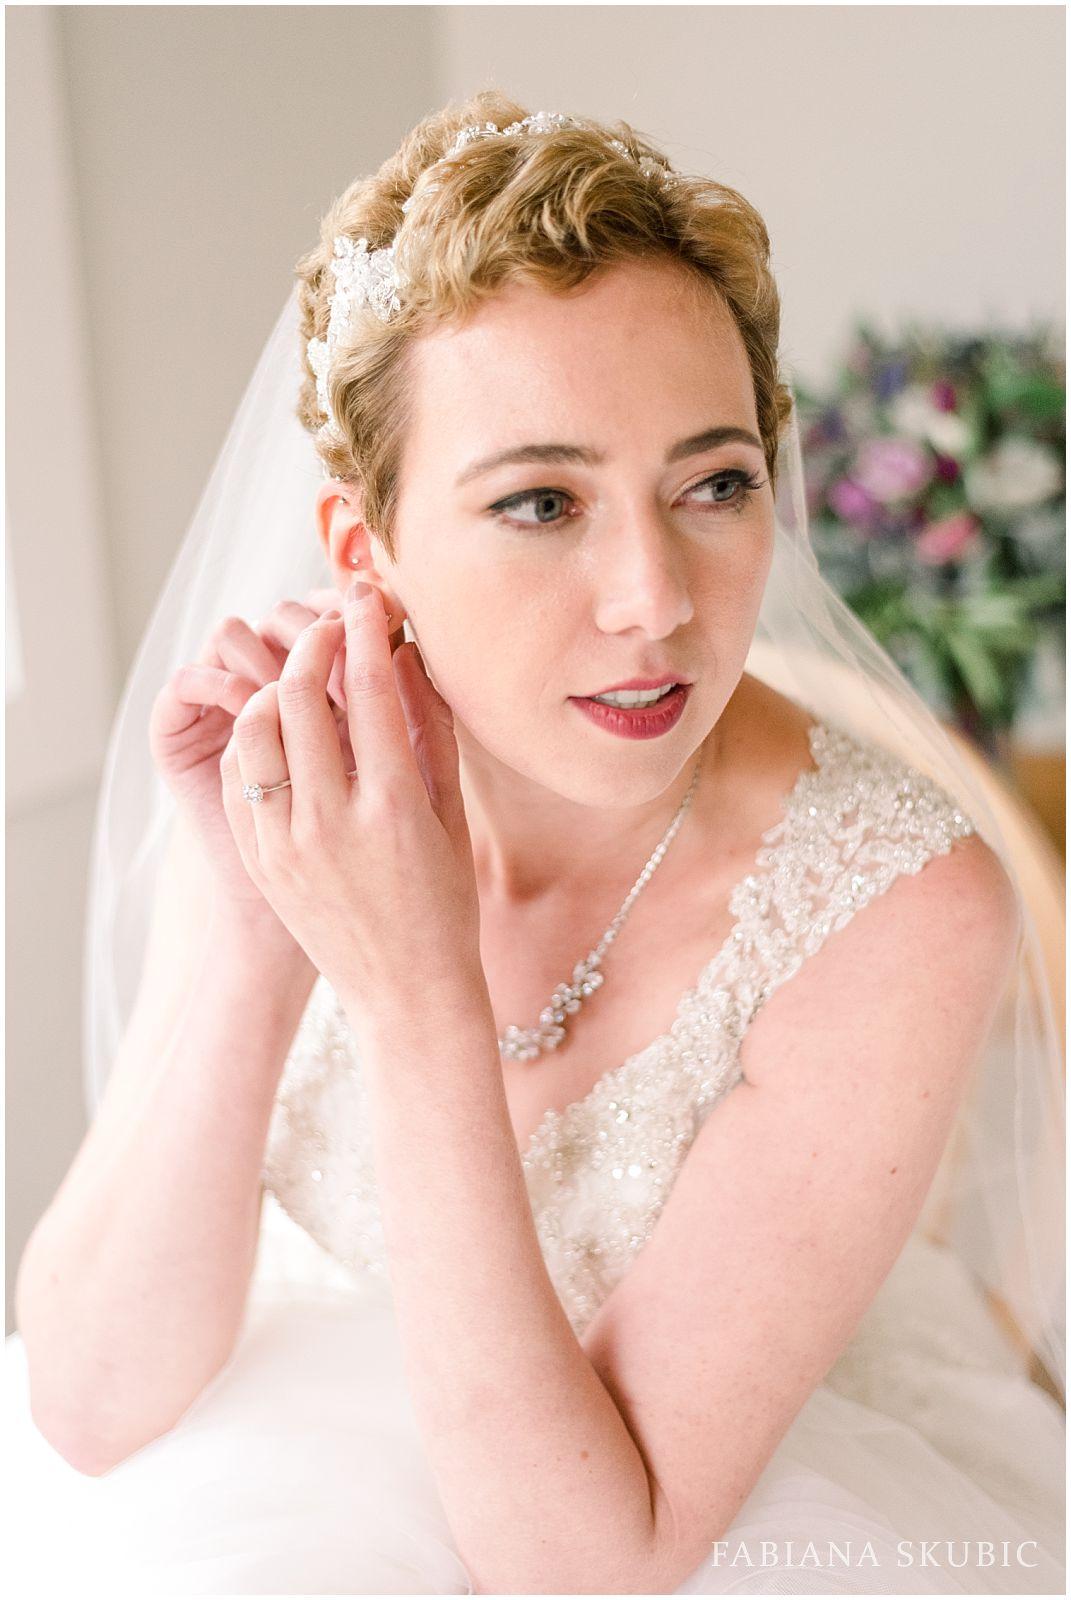 FabianaSkubic_J&M_FullMoonResort_Wedding_0019.jpg